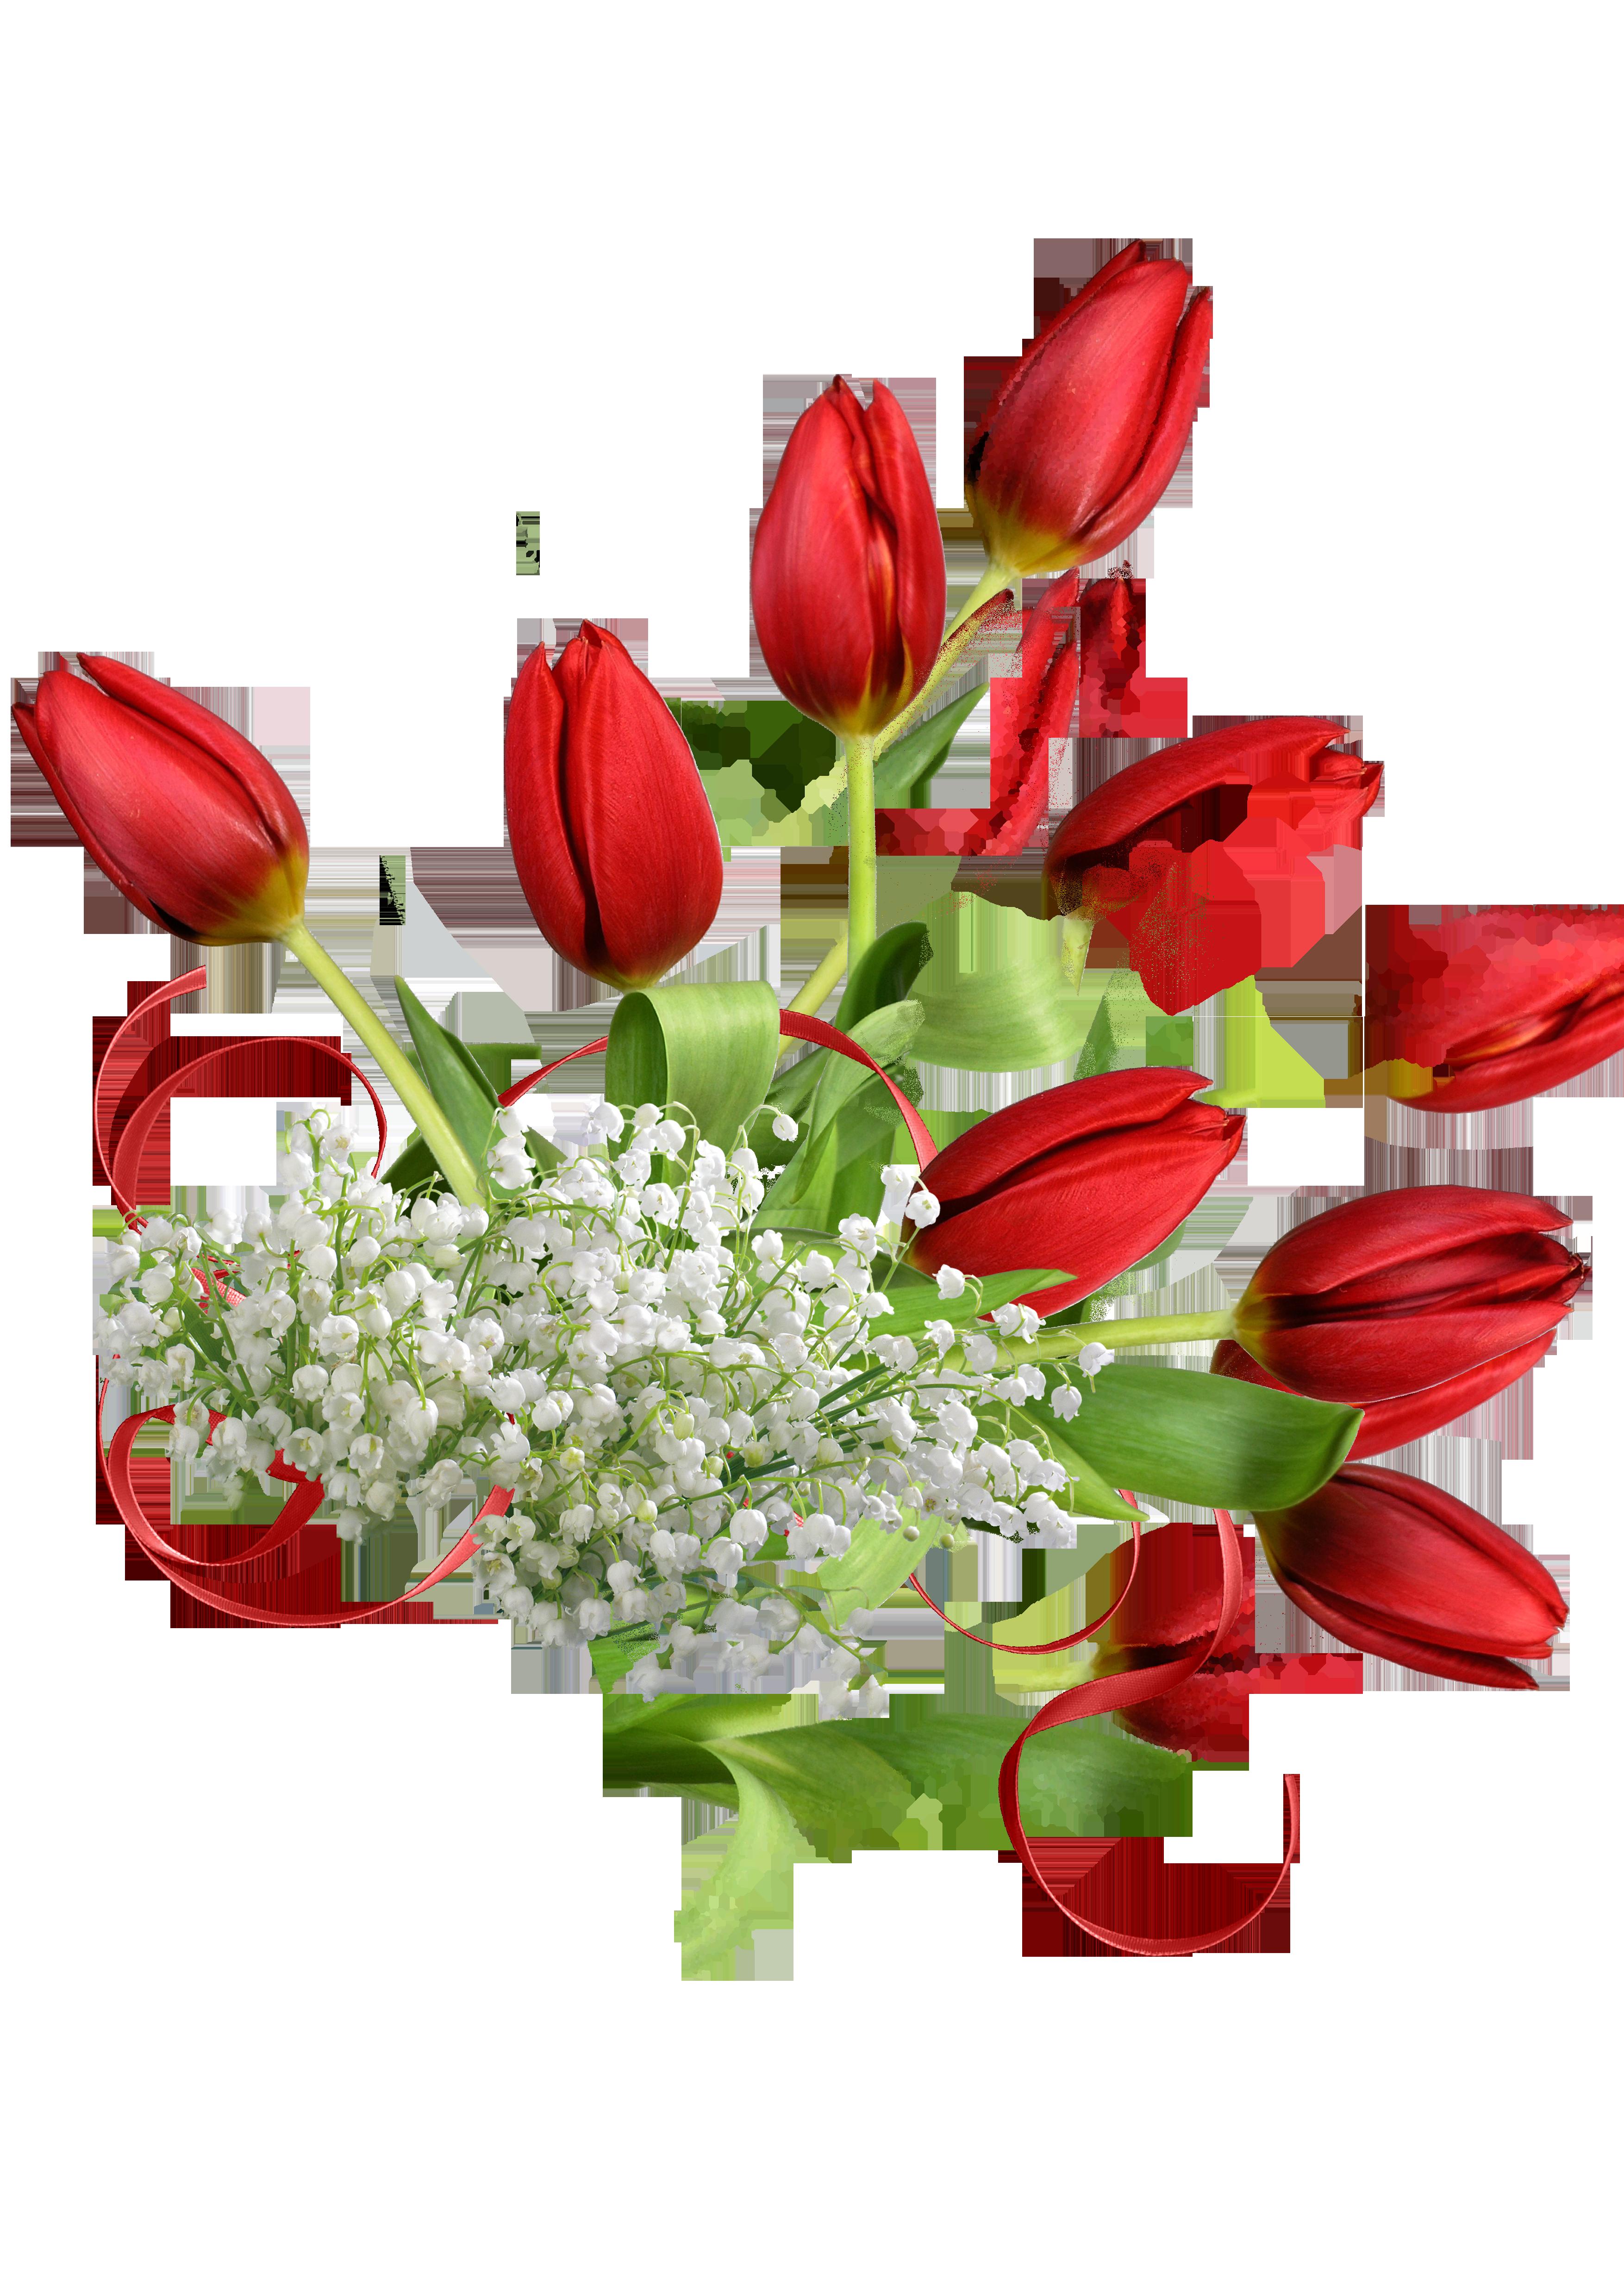 картинки цветов на 8 марта красивые на прозрачном фоне полагают